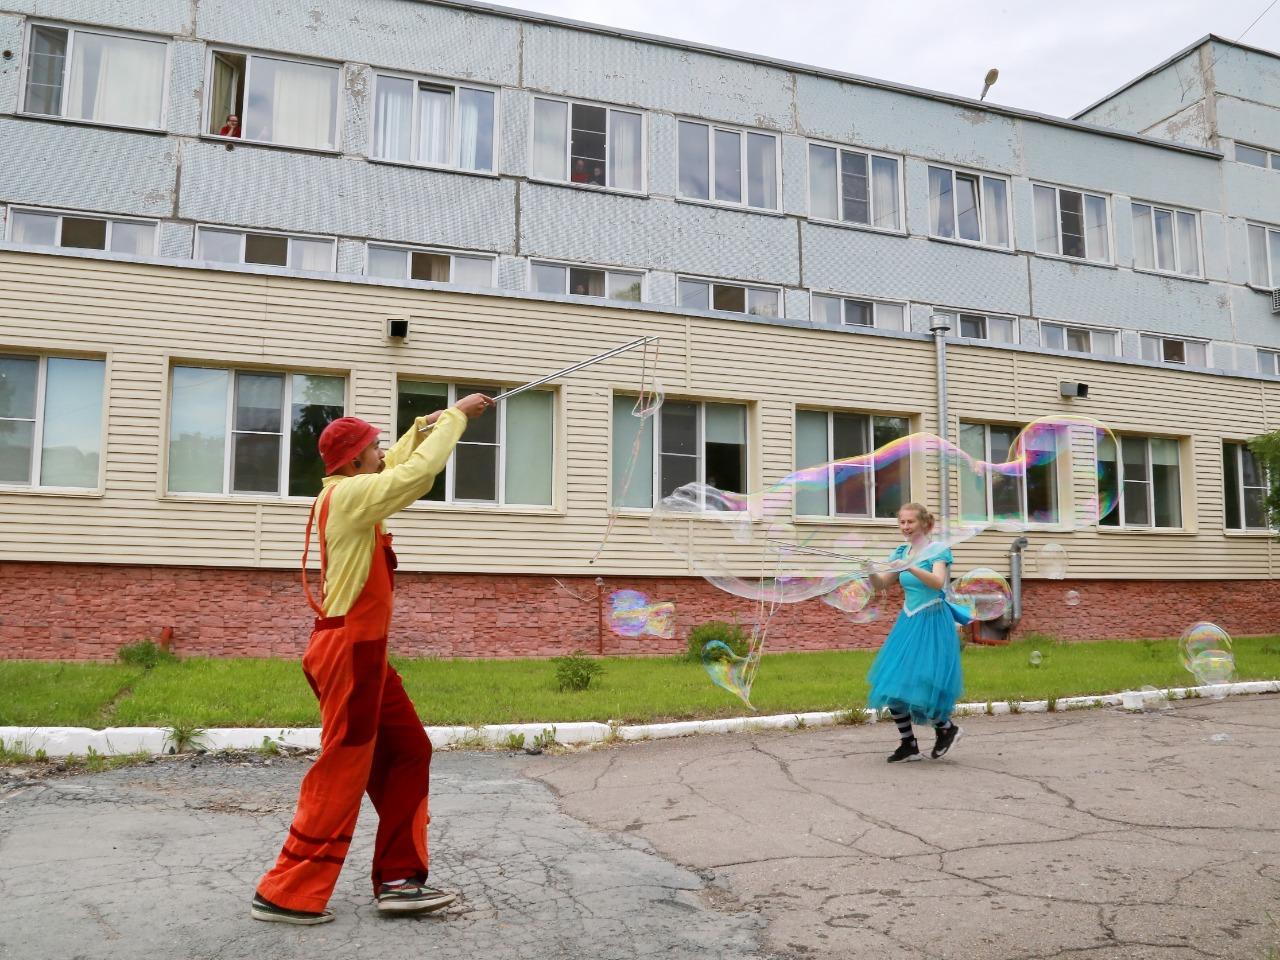 фото Праздник с мыльными пузырями и воздушными шарами устроили для детей с коронавирусом в Новосибирске 2